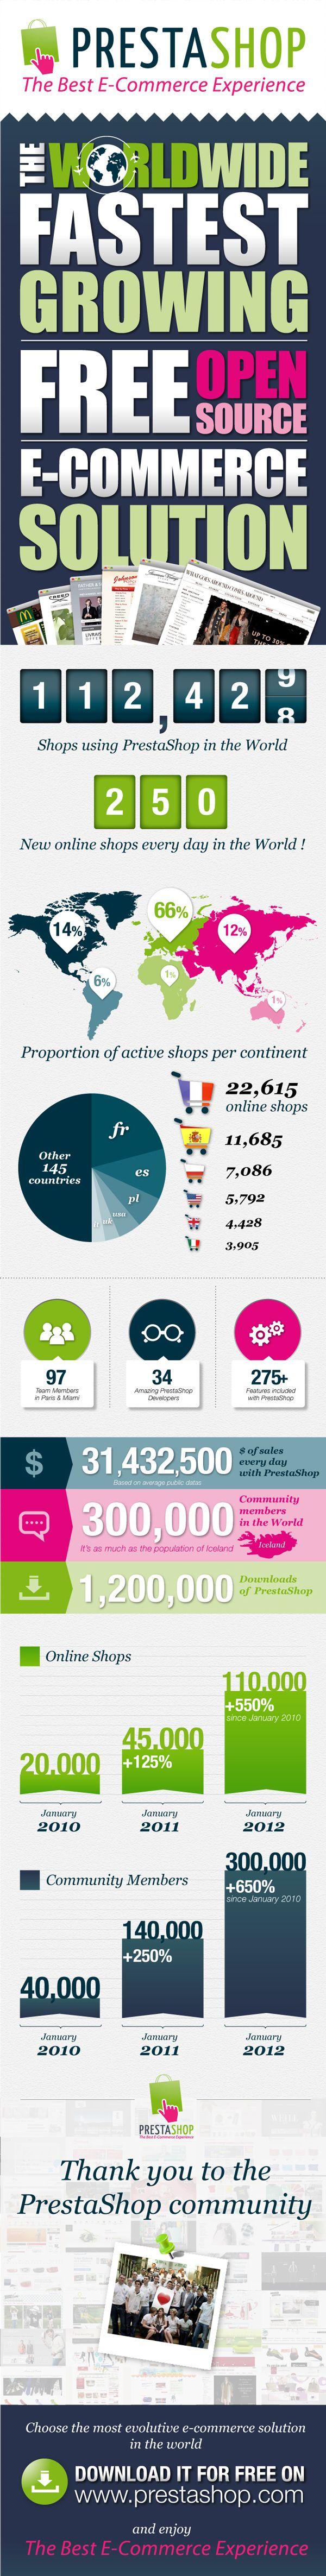 PrestaShop : Tout saoir sur PrestaShop — Merci à notre communauté de 300 000 membres et aux 100 000 boutiques à travers le monde, PrestaShop est aujourd'hui la solution e-commerce N°1 en Europe ! Début 2012, nous avons fait un état des lieux de notre solution que nous partageons avec vous en image… tout ce que vous devez savoir sur PrestaShop se trouve dans cette infographie.